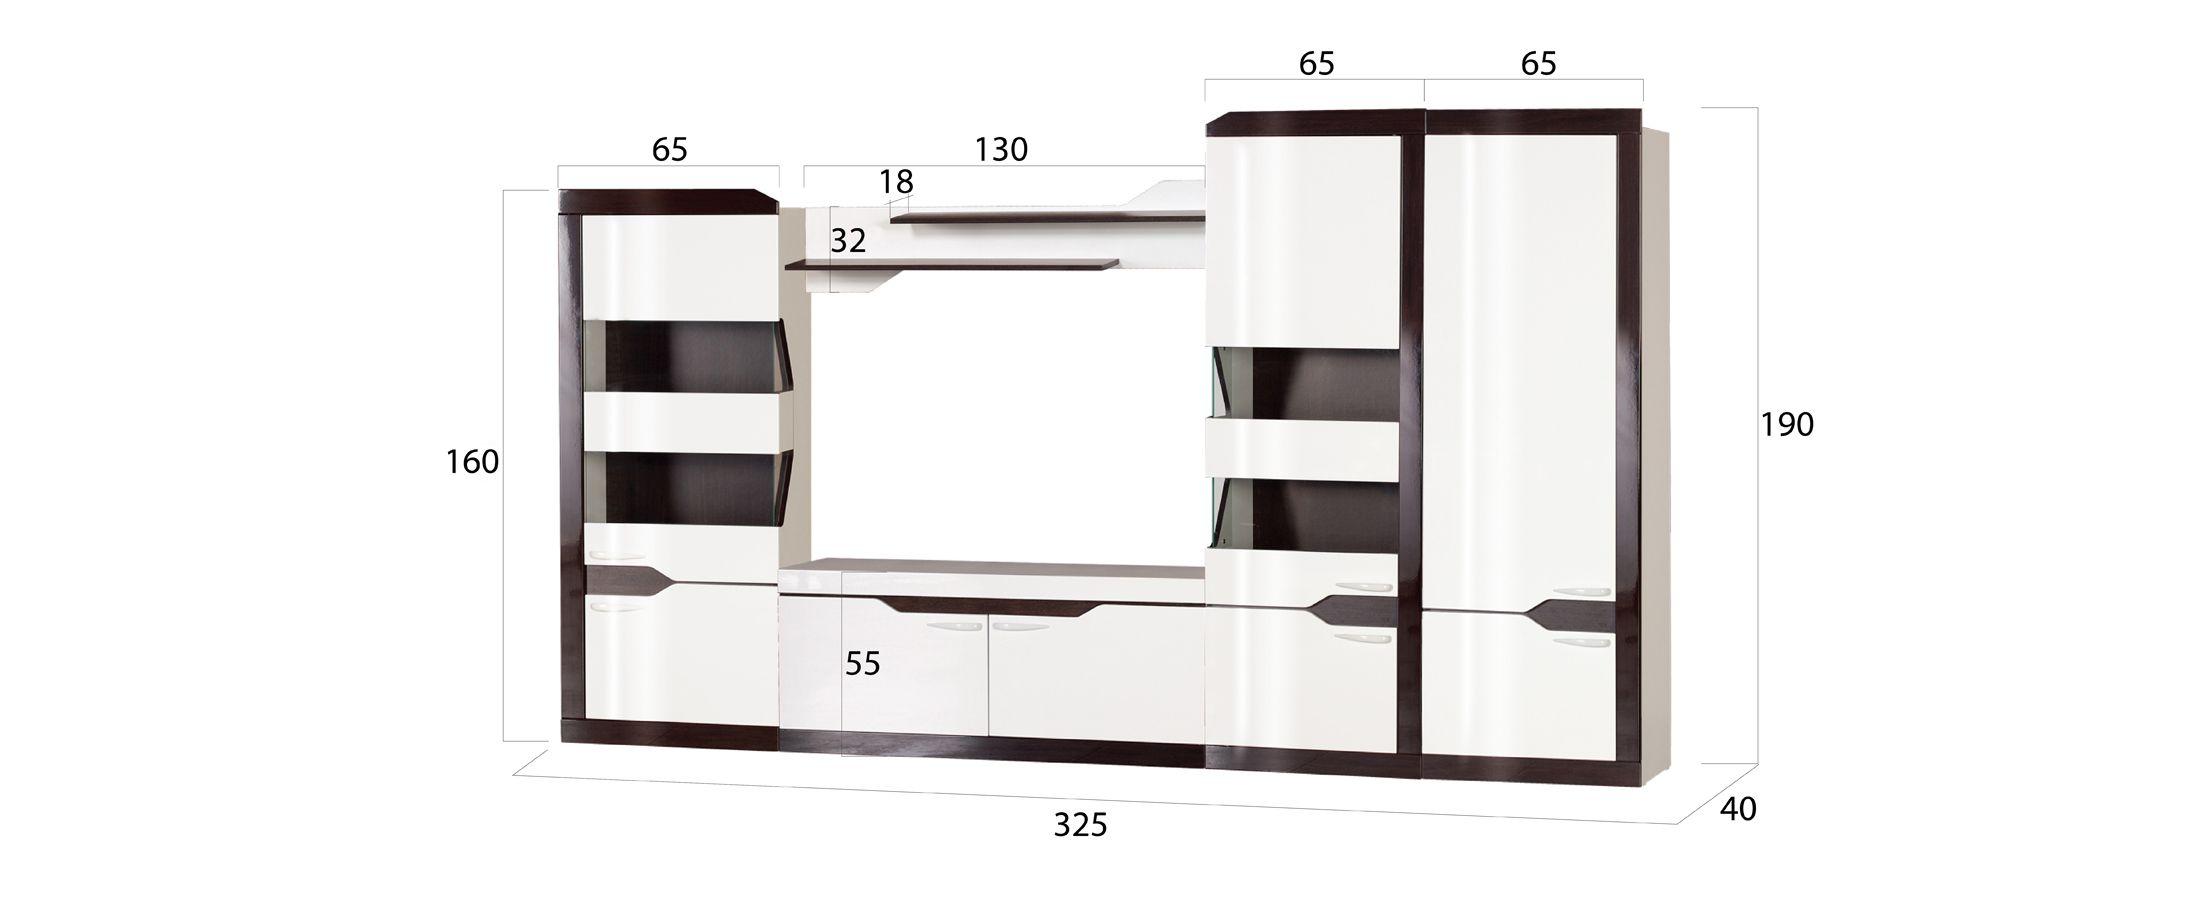 Гостиная РондаГостиная Ронда Модель 902. Артикул Д000532.<br><br>Ширина см: 325<br>Глубина см: 40<br>Высота см: 190<br>Материал фасада: МДФ<br>Цвет корпуса: Белый/Венге<br>Цвет фасада: Венге глянец<br>Материал корпуса: ЛДСП